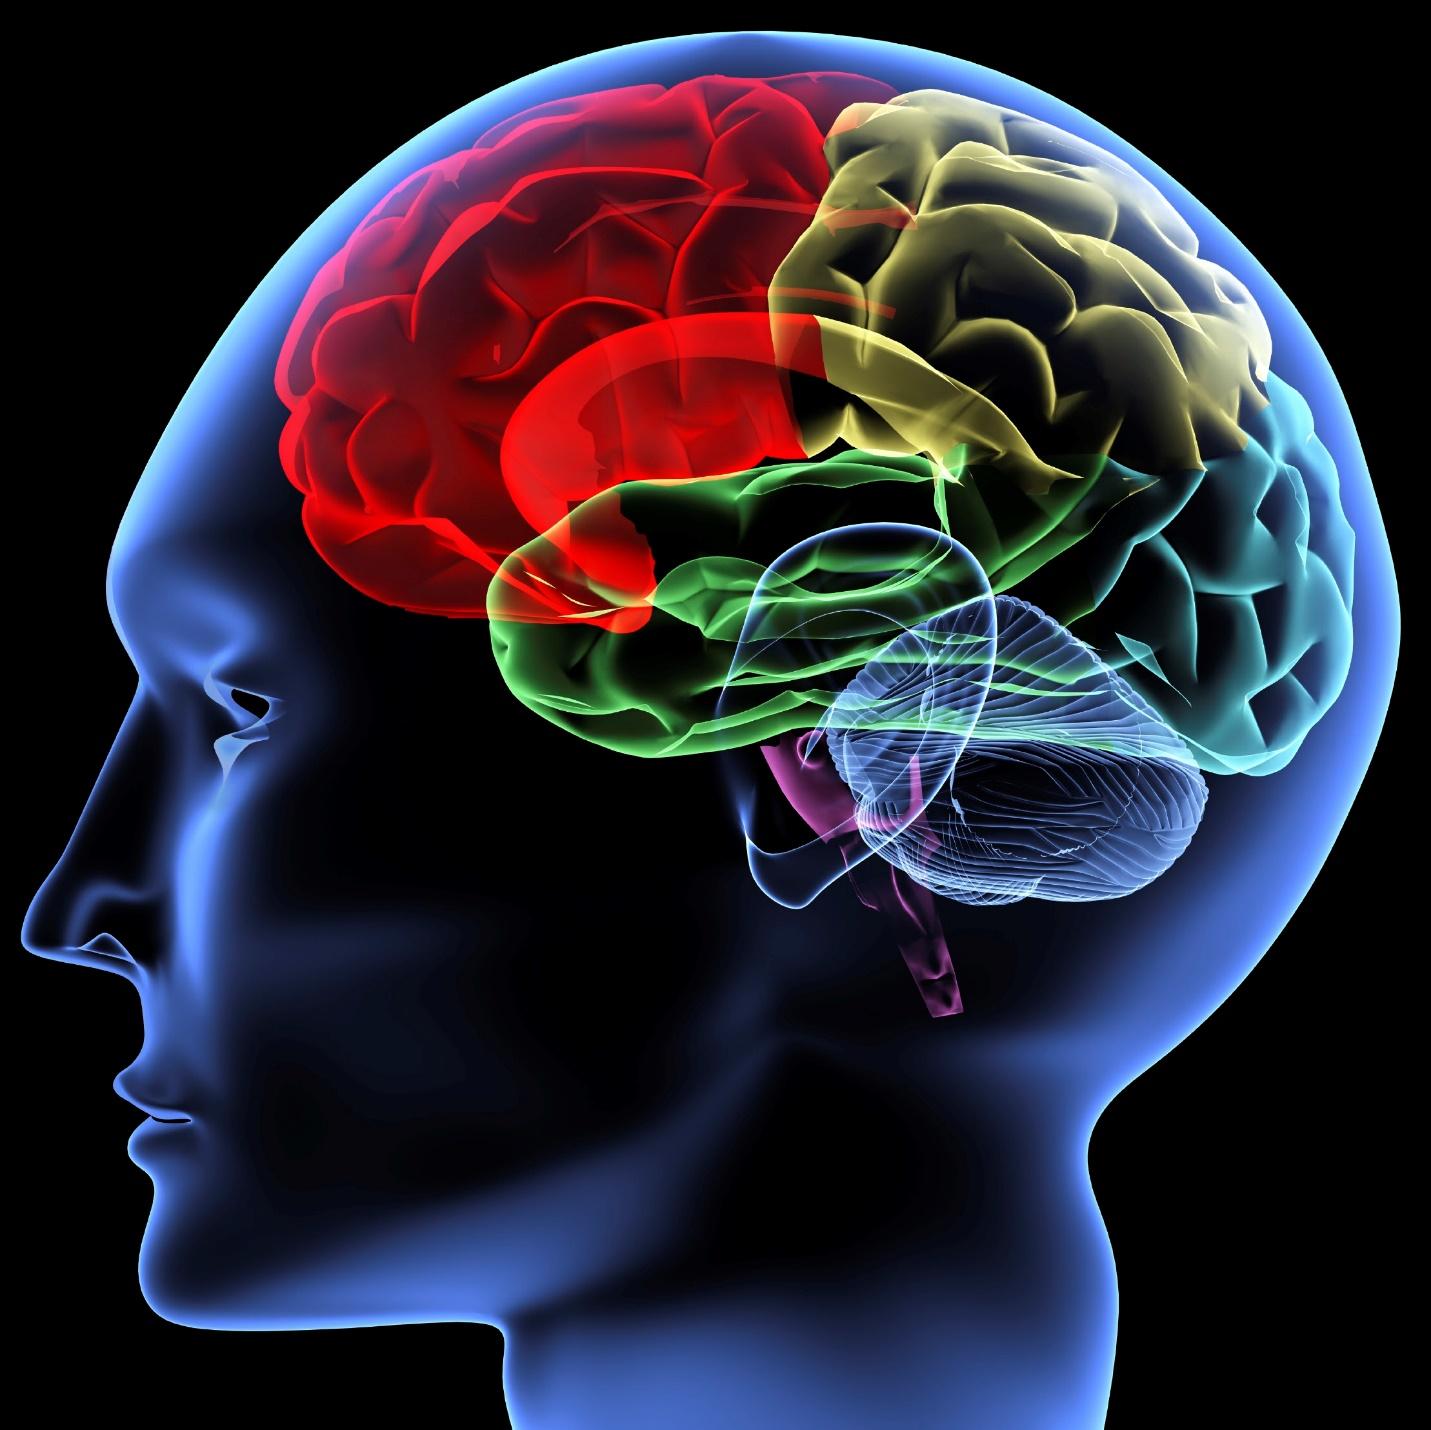 Arlington, Texas Brain Injury Attorneys